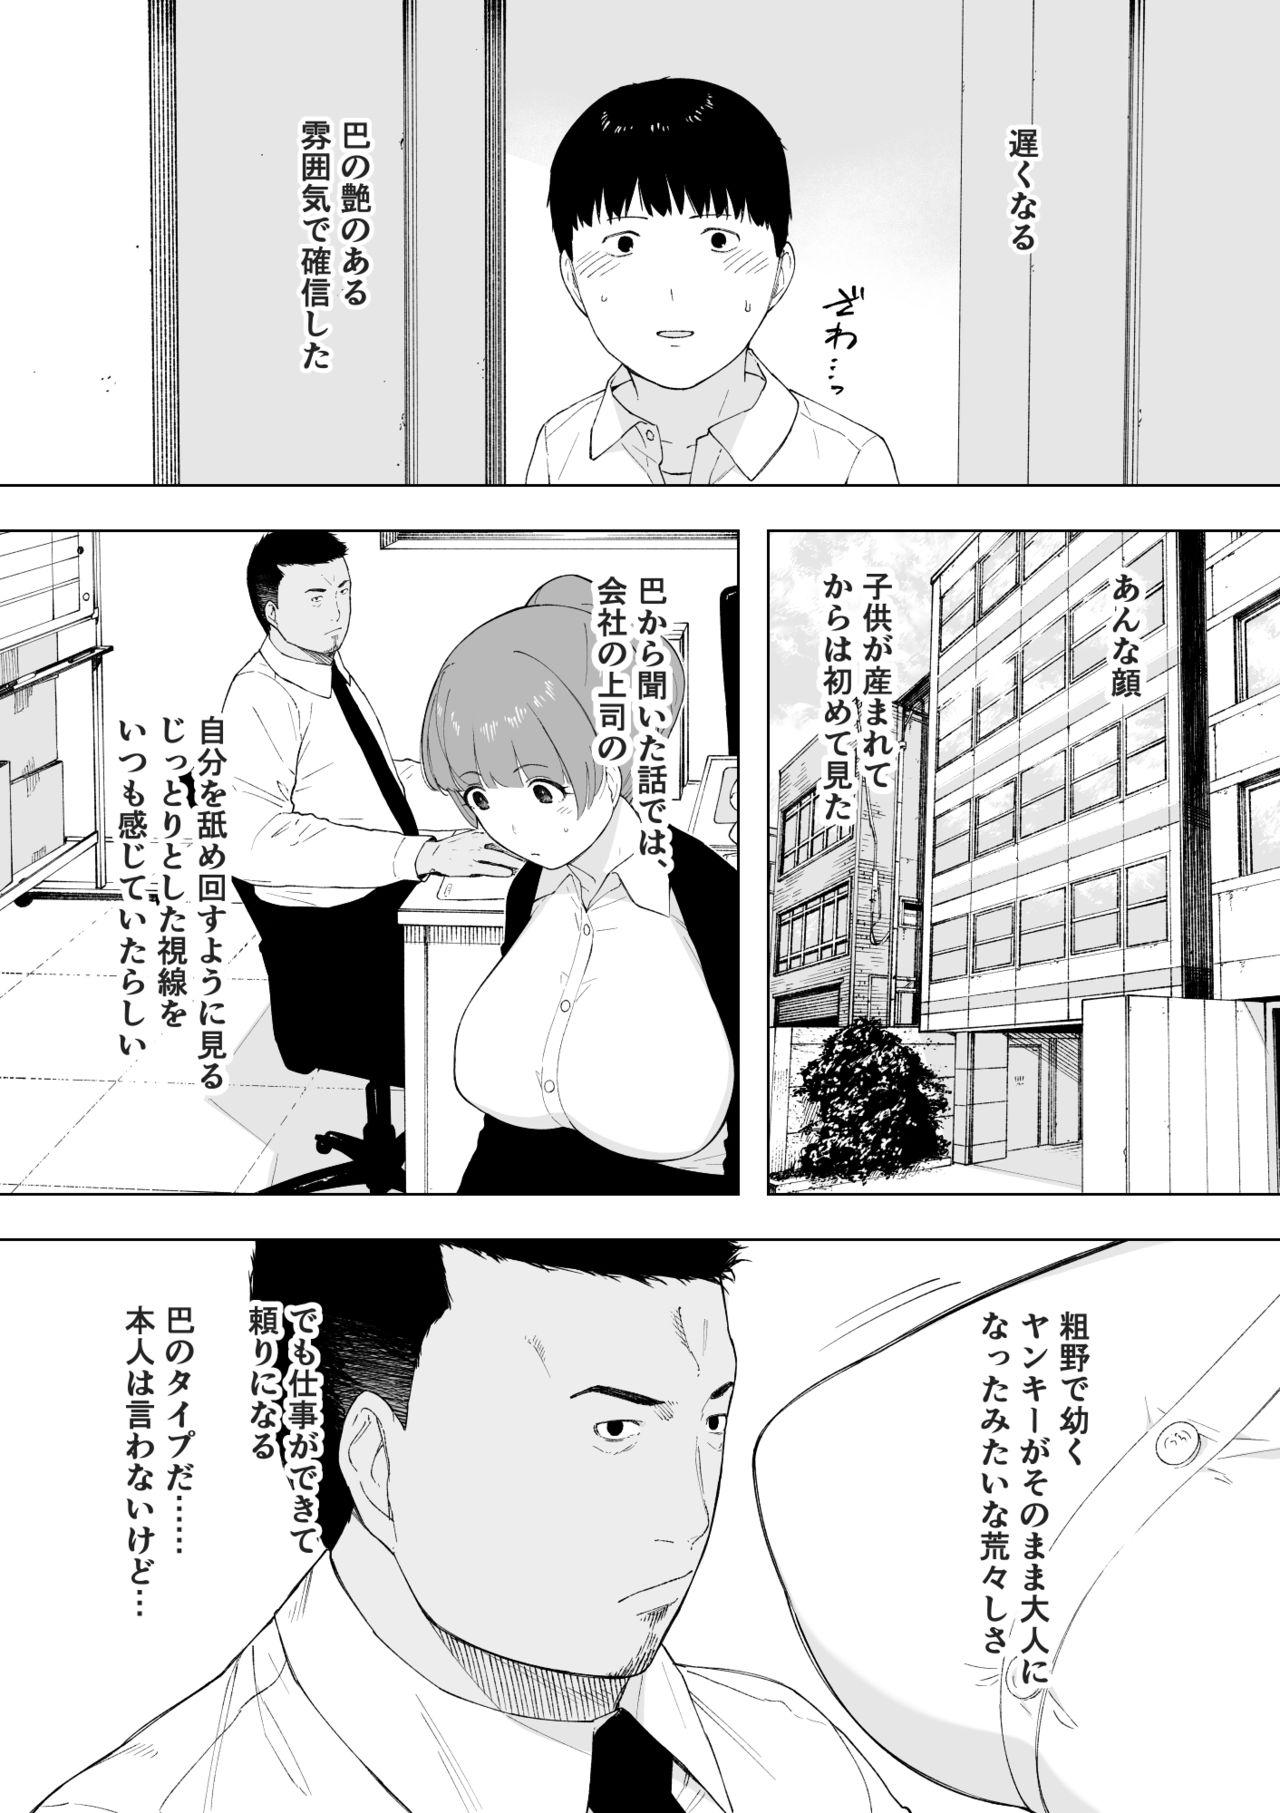 Aisai, Doui no Ue, Netorare 5 ~Moriguchi-ke no Onna~ page 5 full